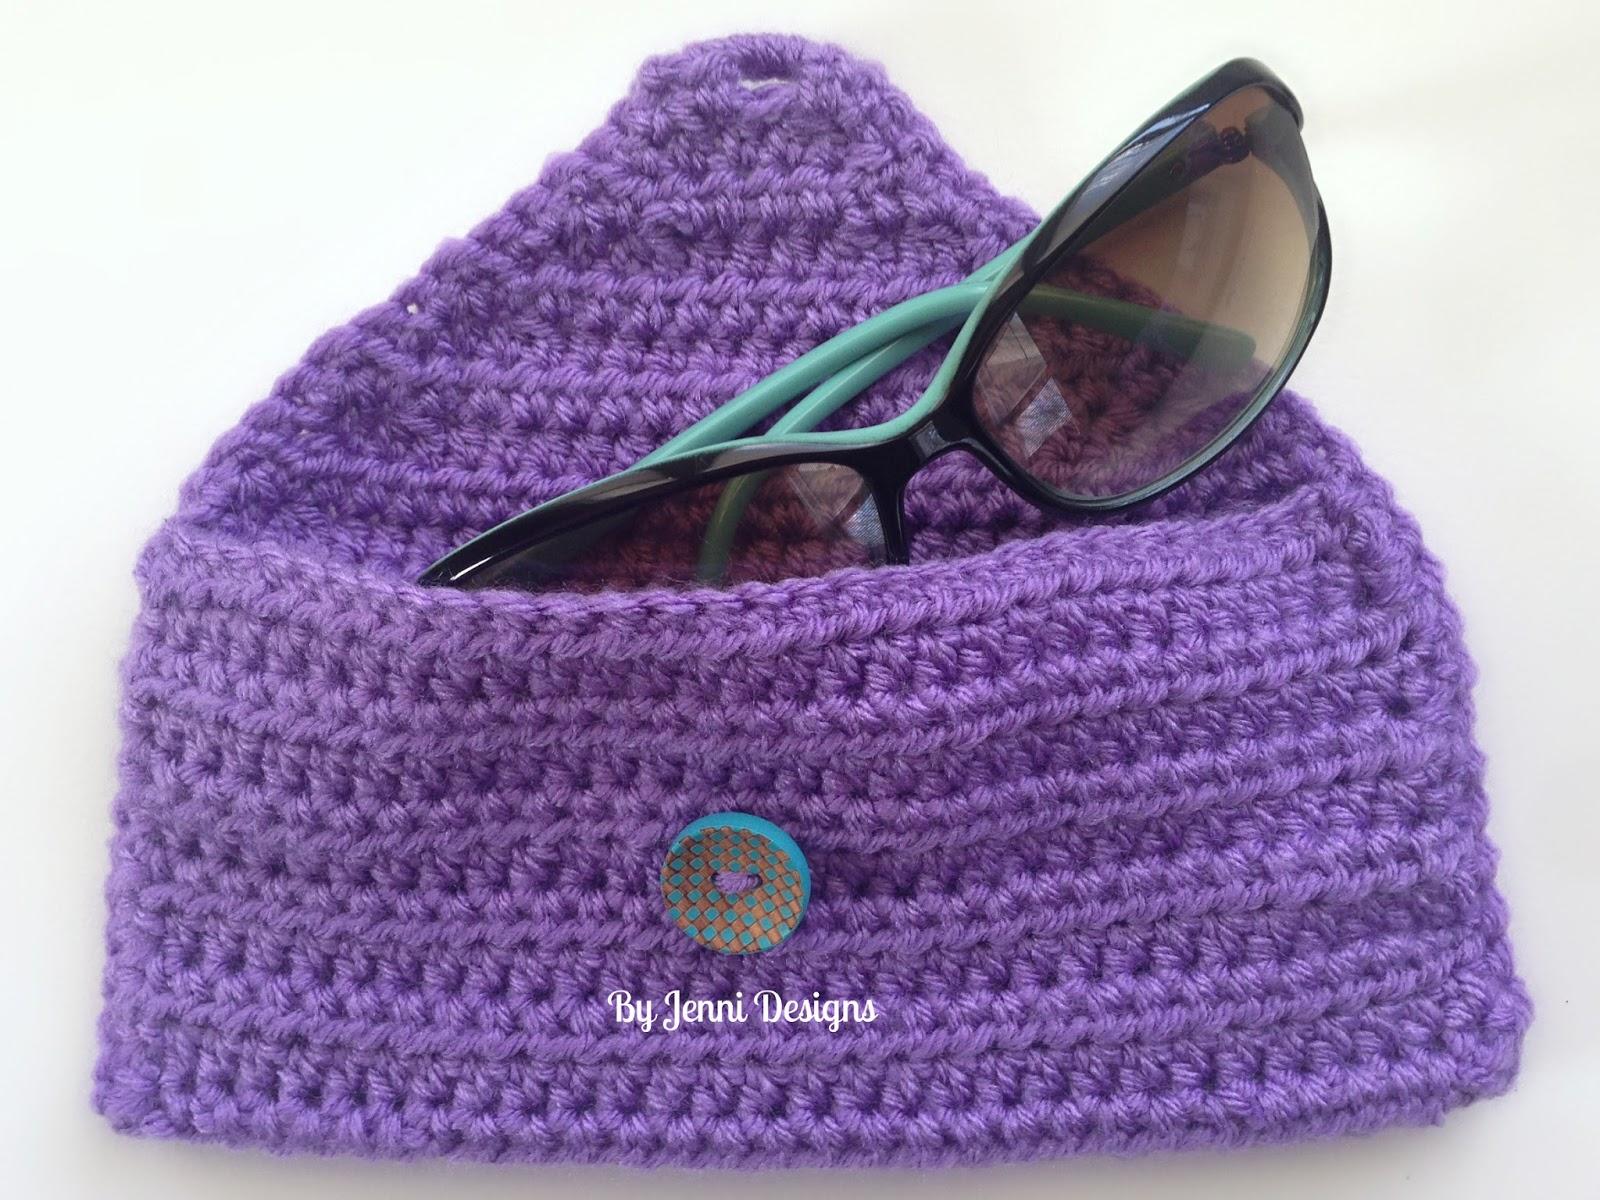 Easy Crochet Pouch Pattern : By Jenni Designs: Free Crochet Pattern: Easy Sunglass Pouch